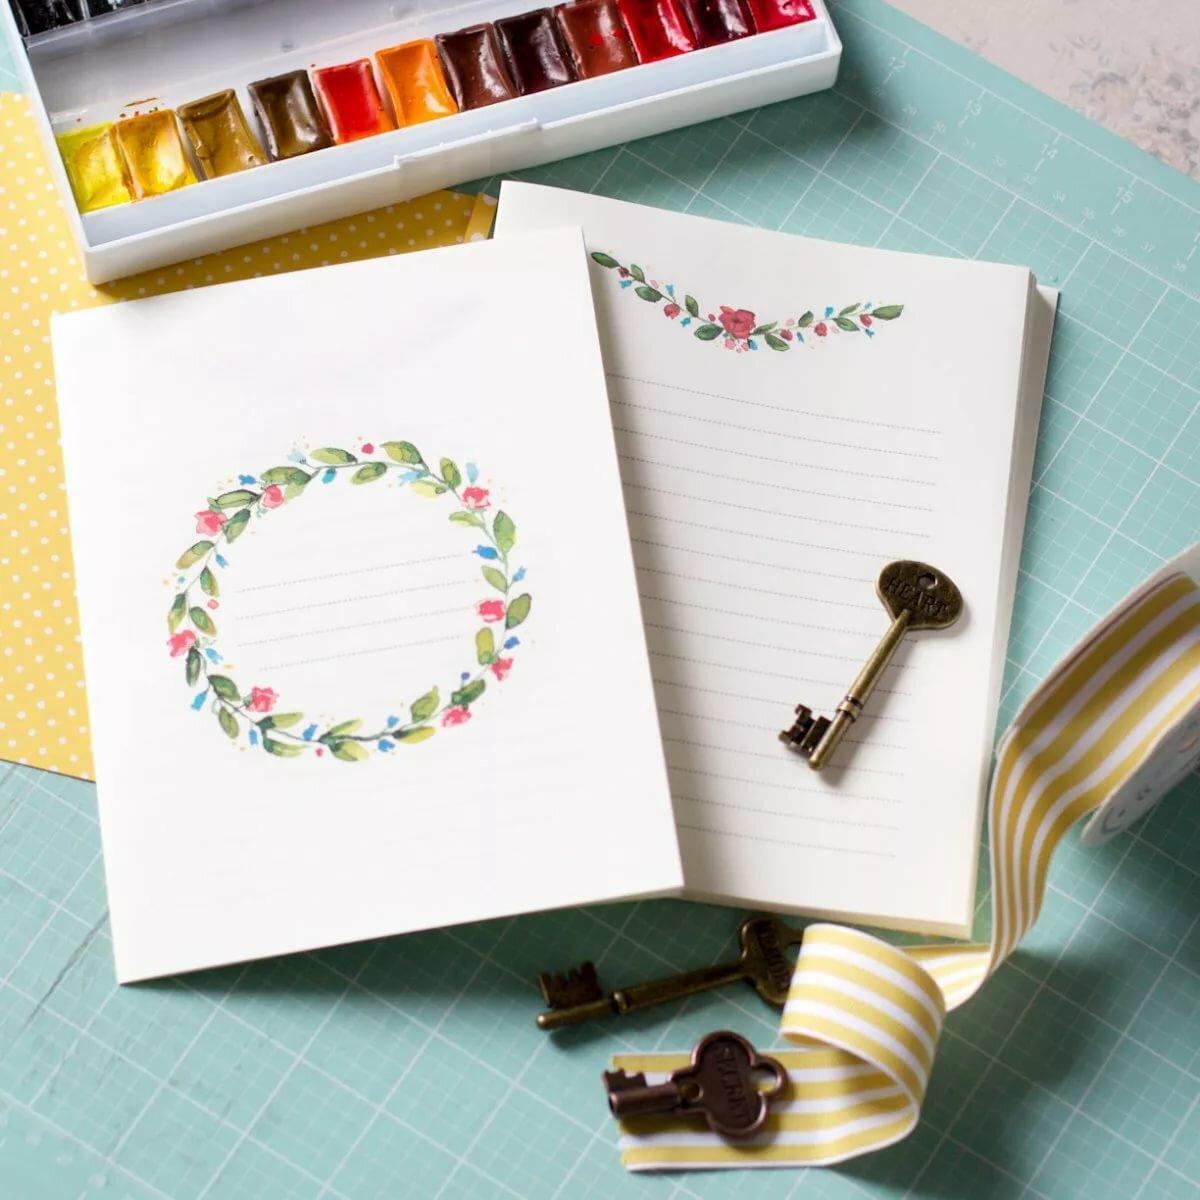 картинки на дизайн дневника вопросы, касающиеся основных